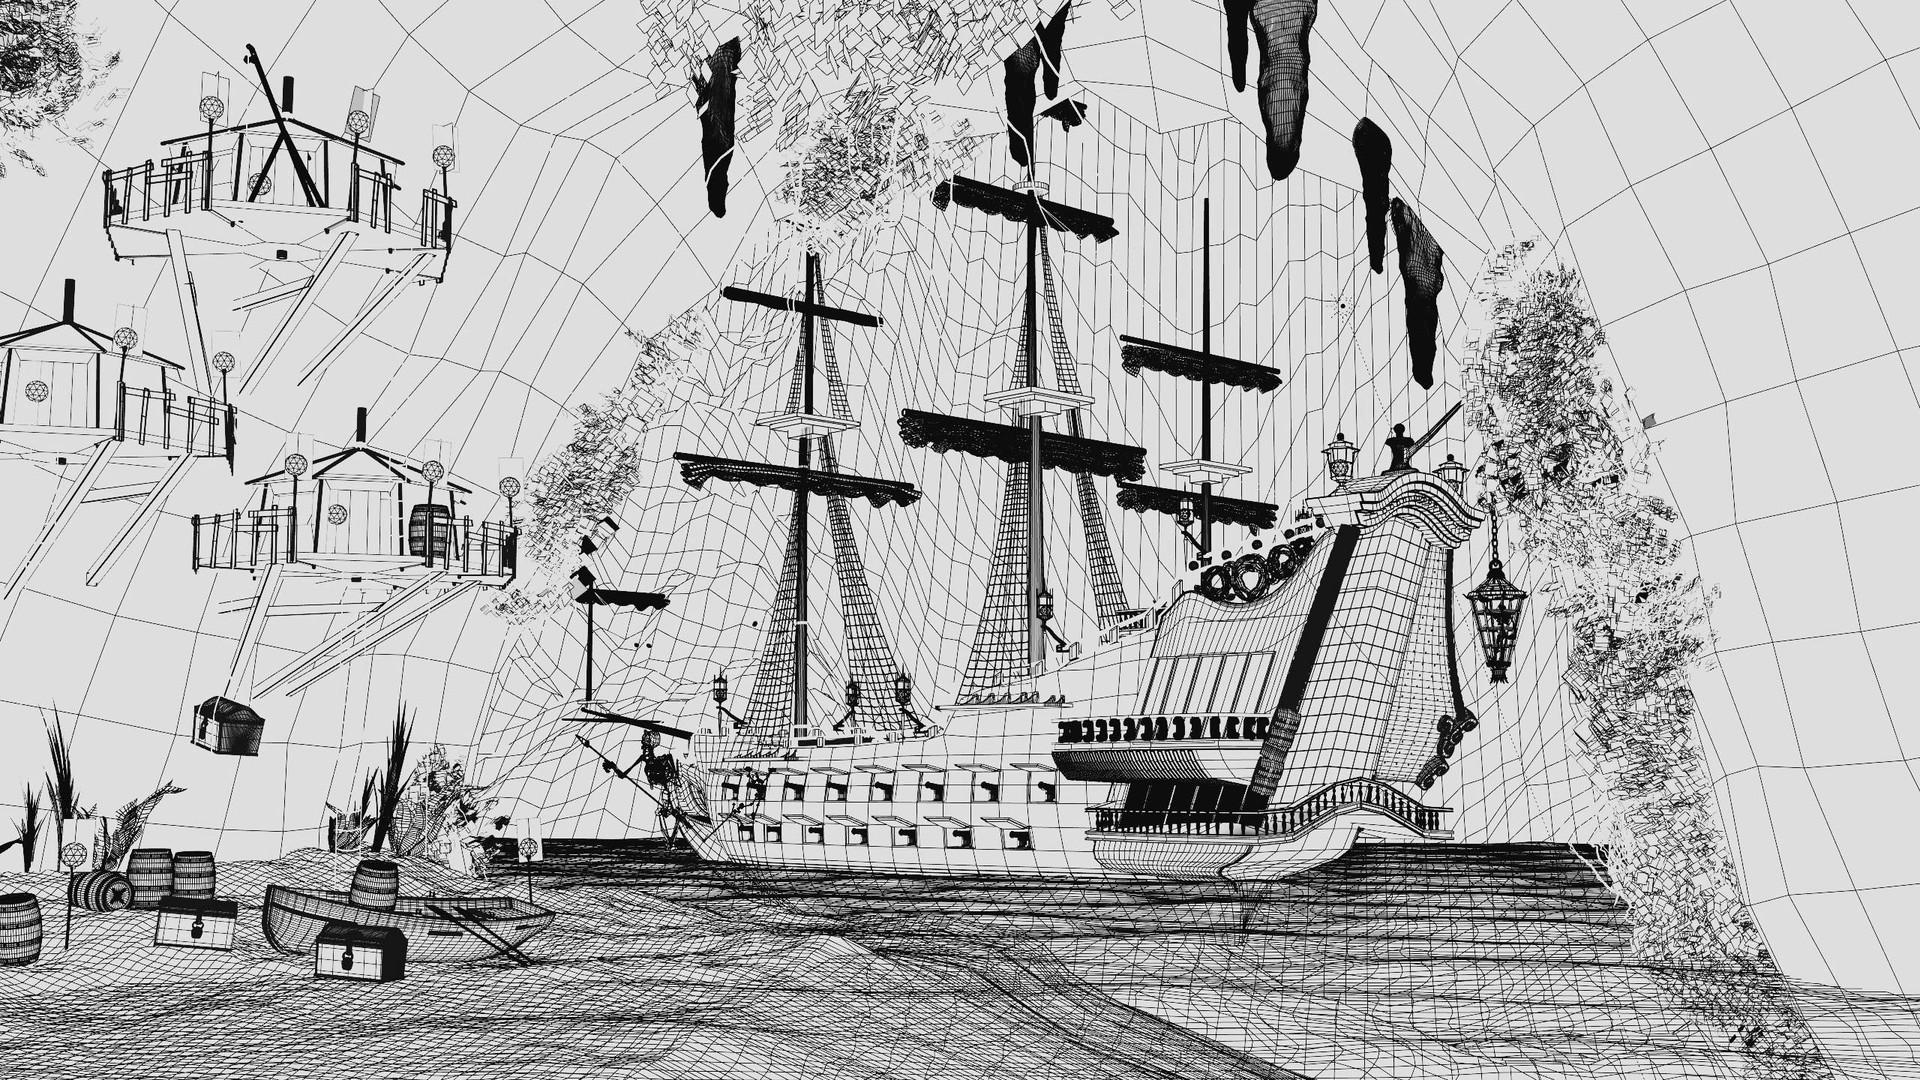 Blackbeard's ship: Queen Anne's Revenge (wireframe)